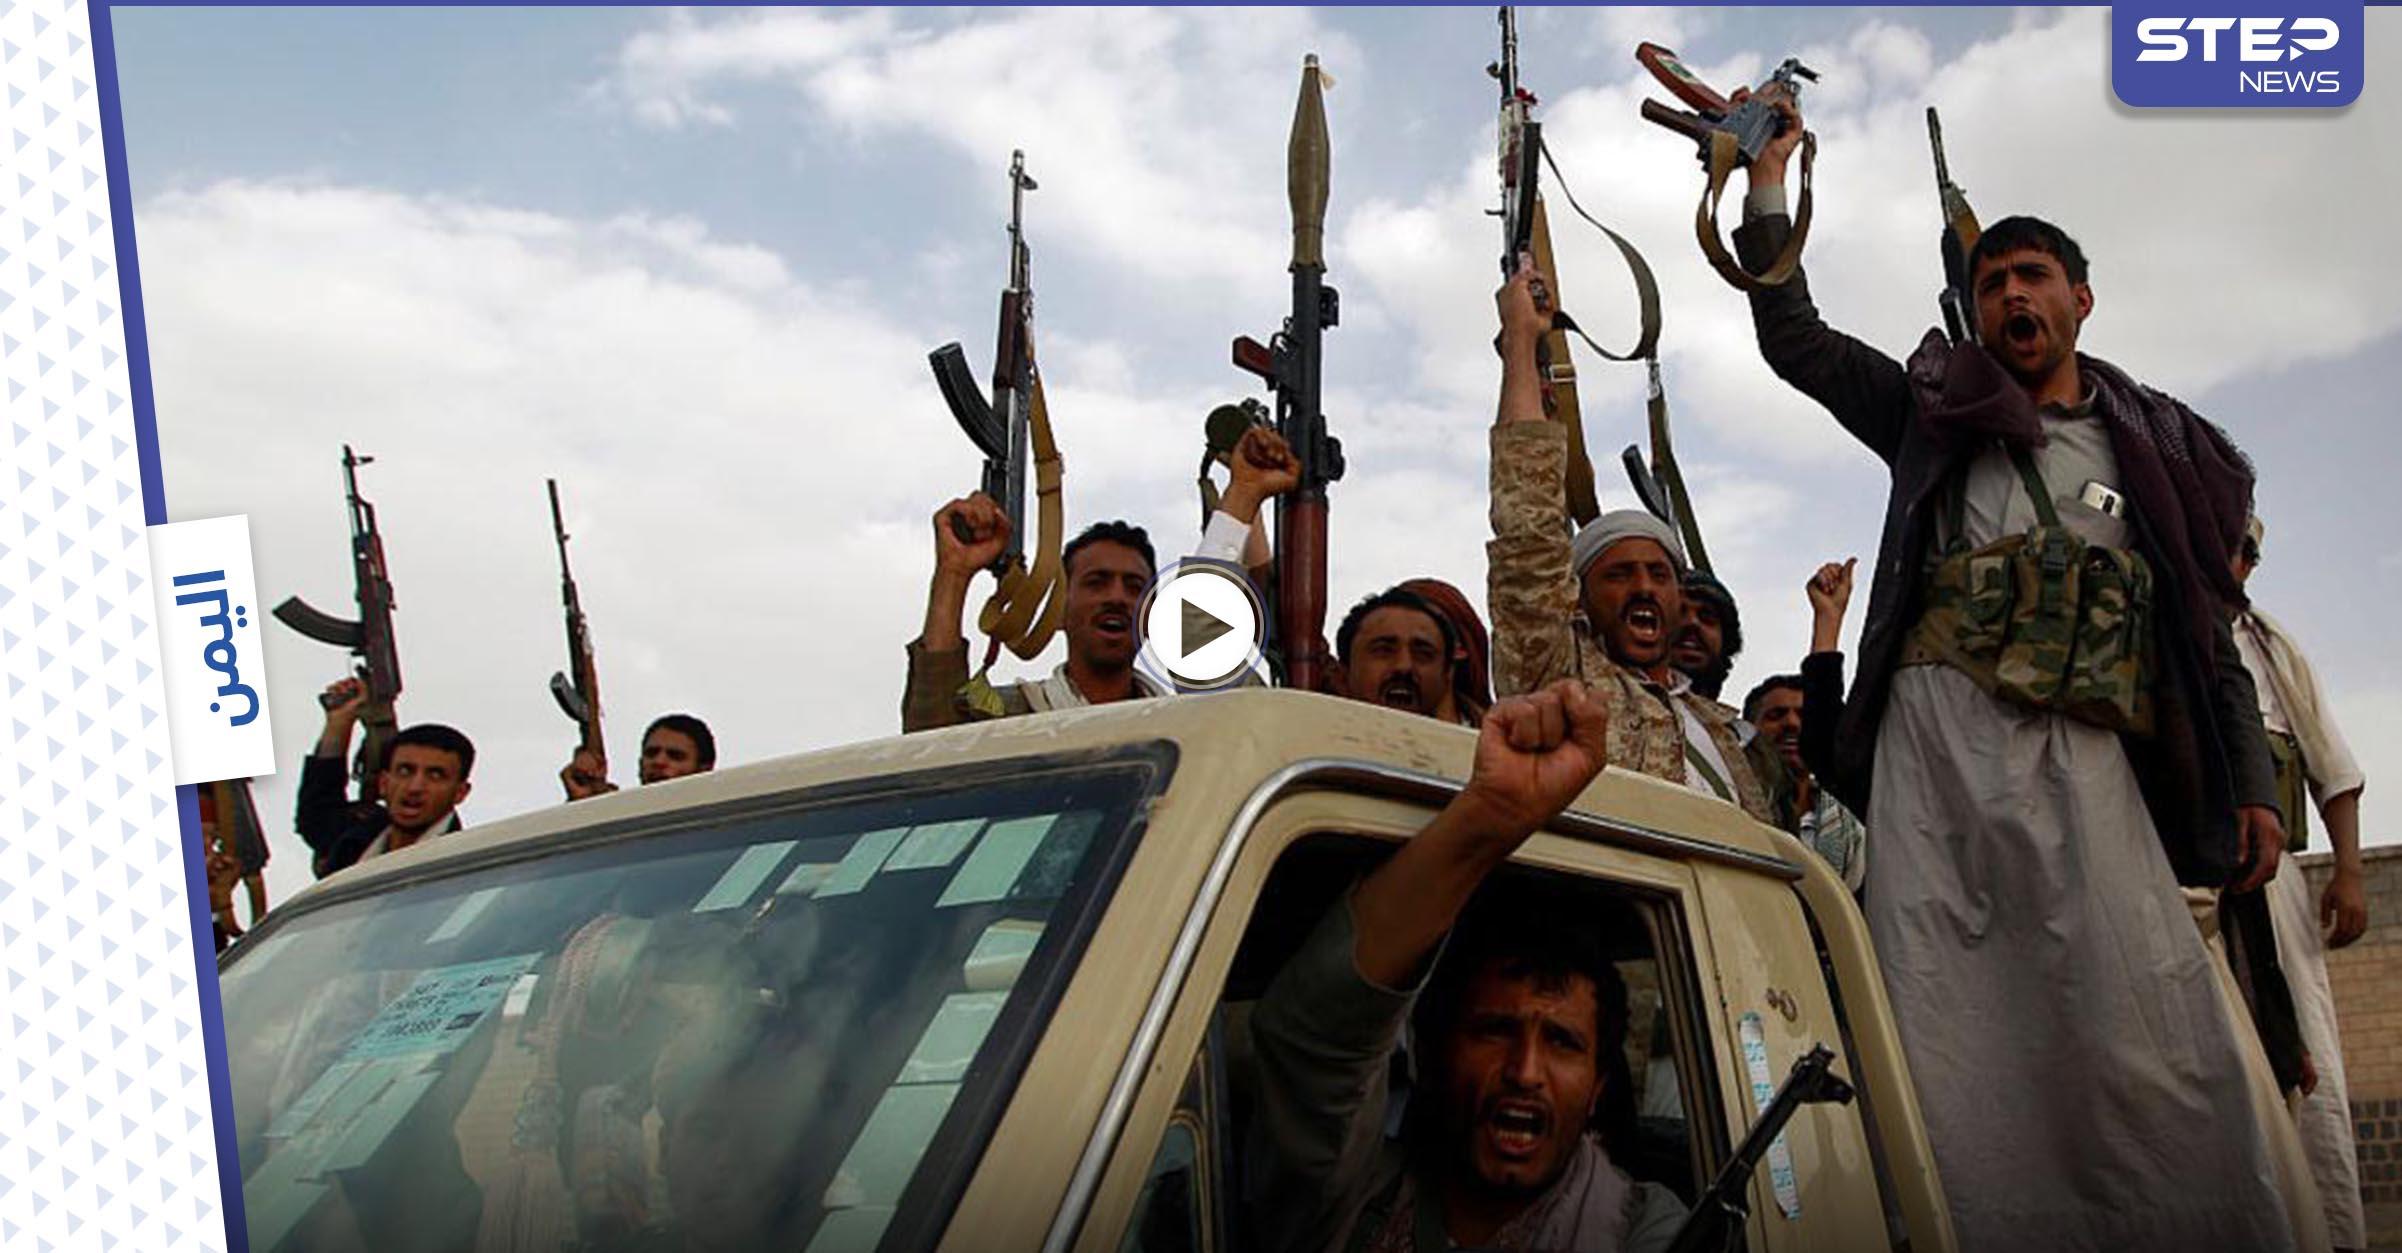 بالفيديو   القبض على أسرى حوثيون مختبئون داخل كهف جبلي والجيش اليمني يسيطر على مواقع استراتيجية